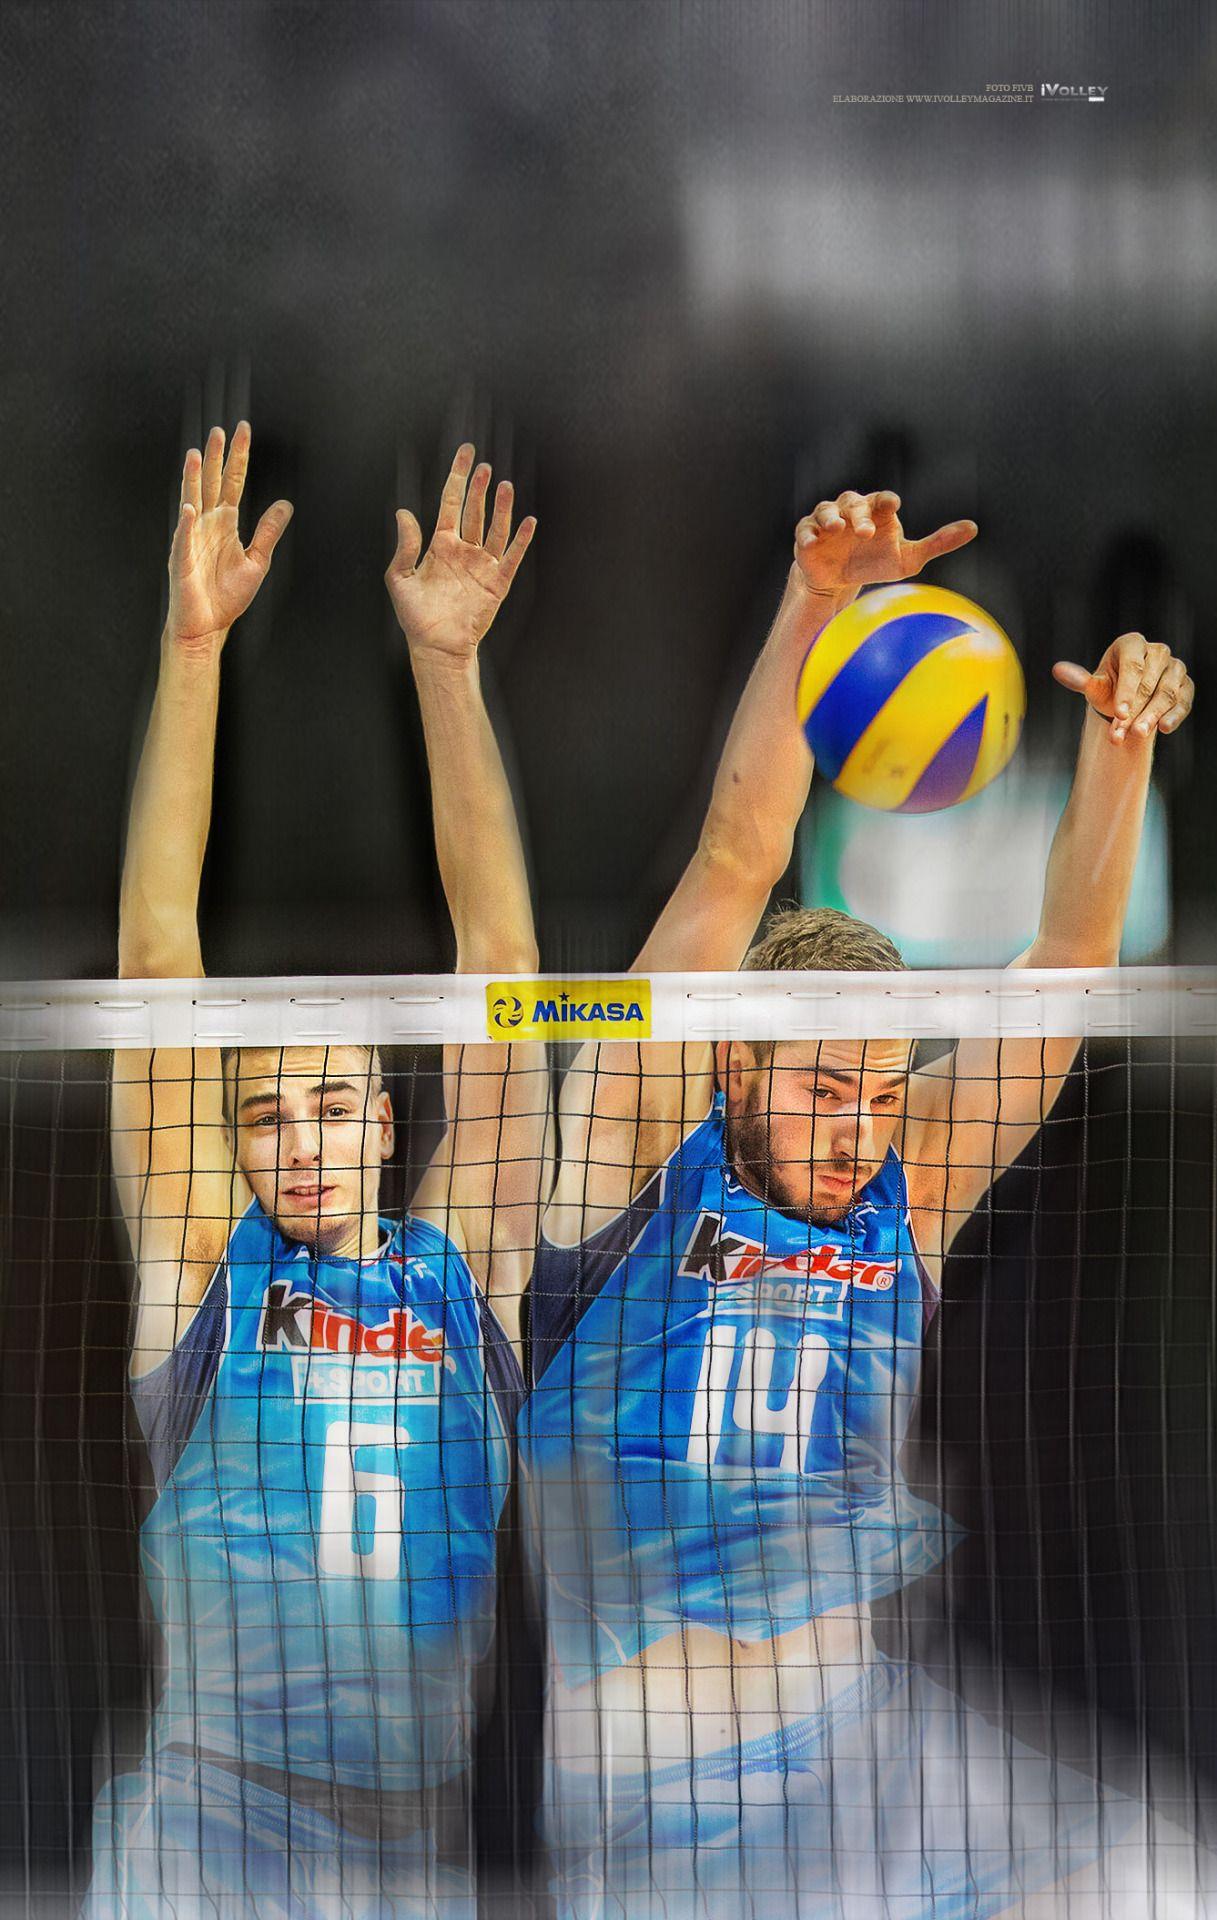 Fivb World League Italia Francia 0 3 Sport Volleyball Volleyball Photography Female Volleyball Players